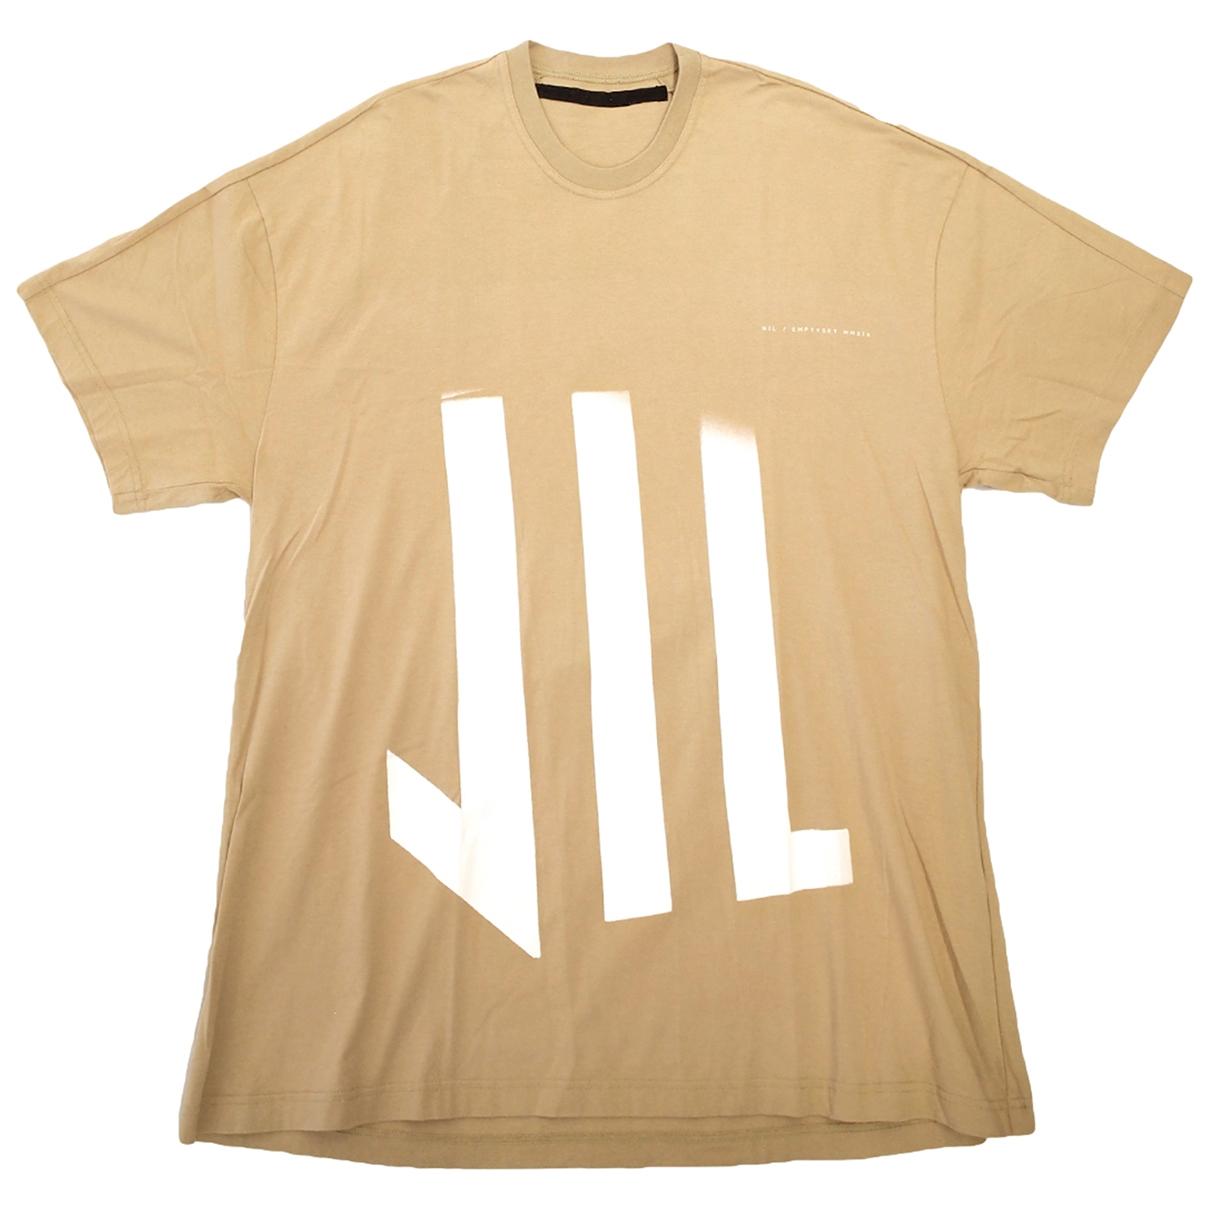 Julius 7 \N T-Shirts in  Beige Baumwolle